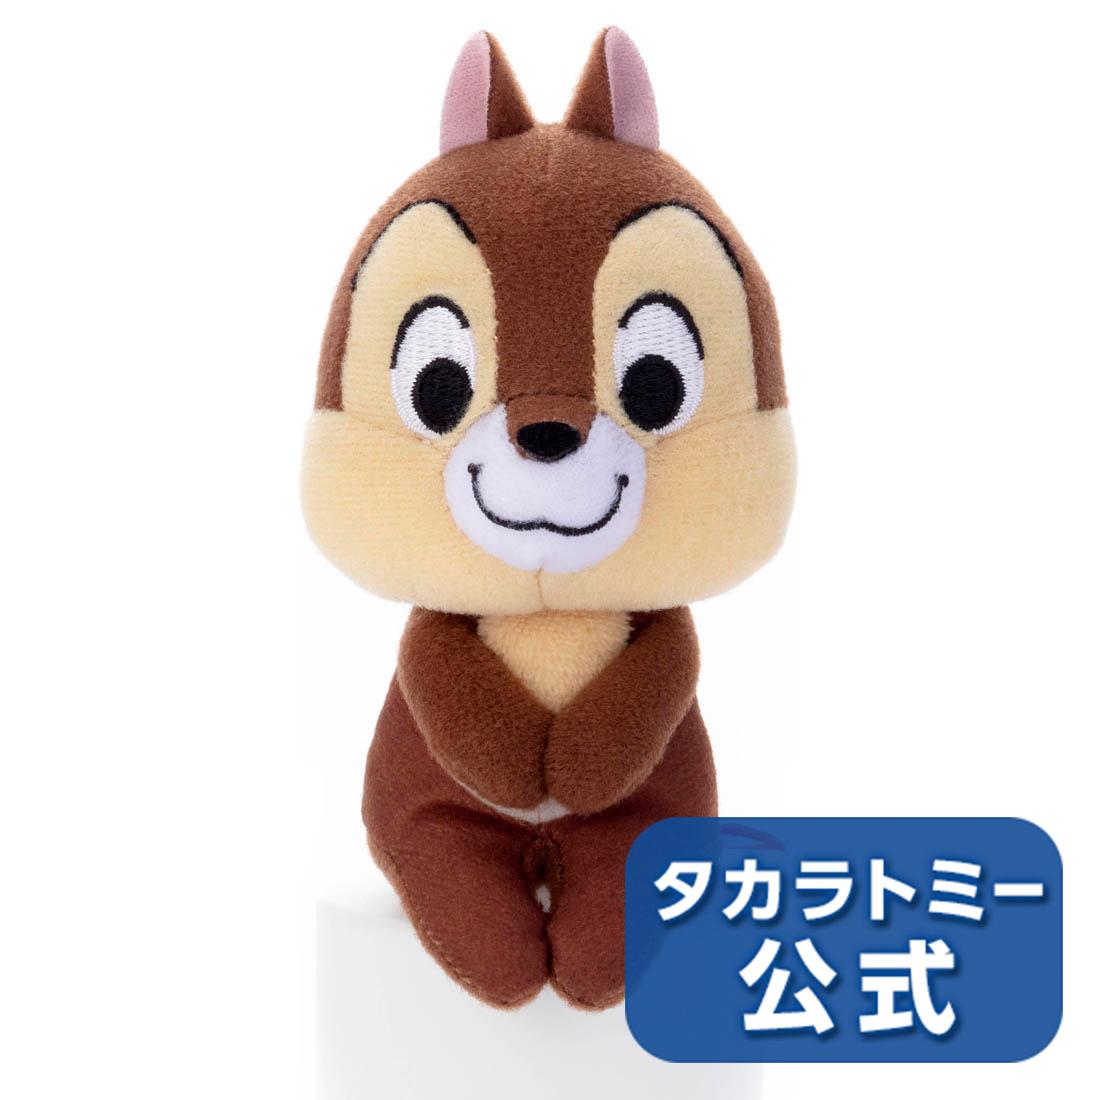 2020年04月30日発売タカラトミー公式店5500円以上購入で送料無料 ディズニーキャラクター ちょっこりさん 人気上昇中 新品 チップ ディズニー